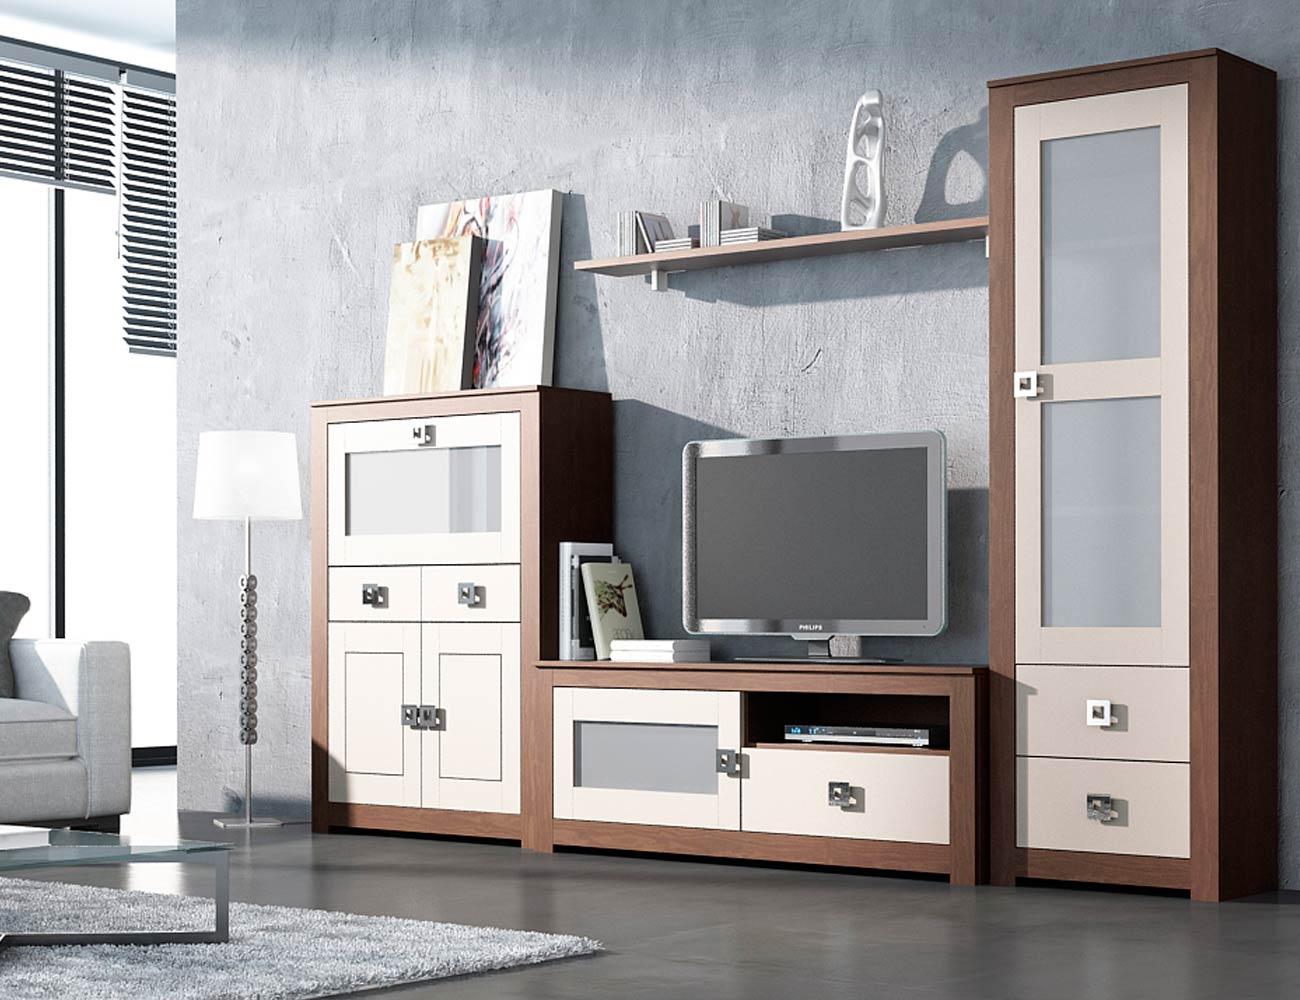 2 mueble salon modular nogal piedra madera dm2